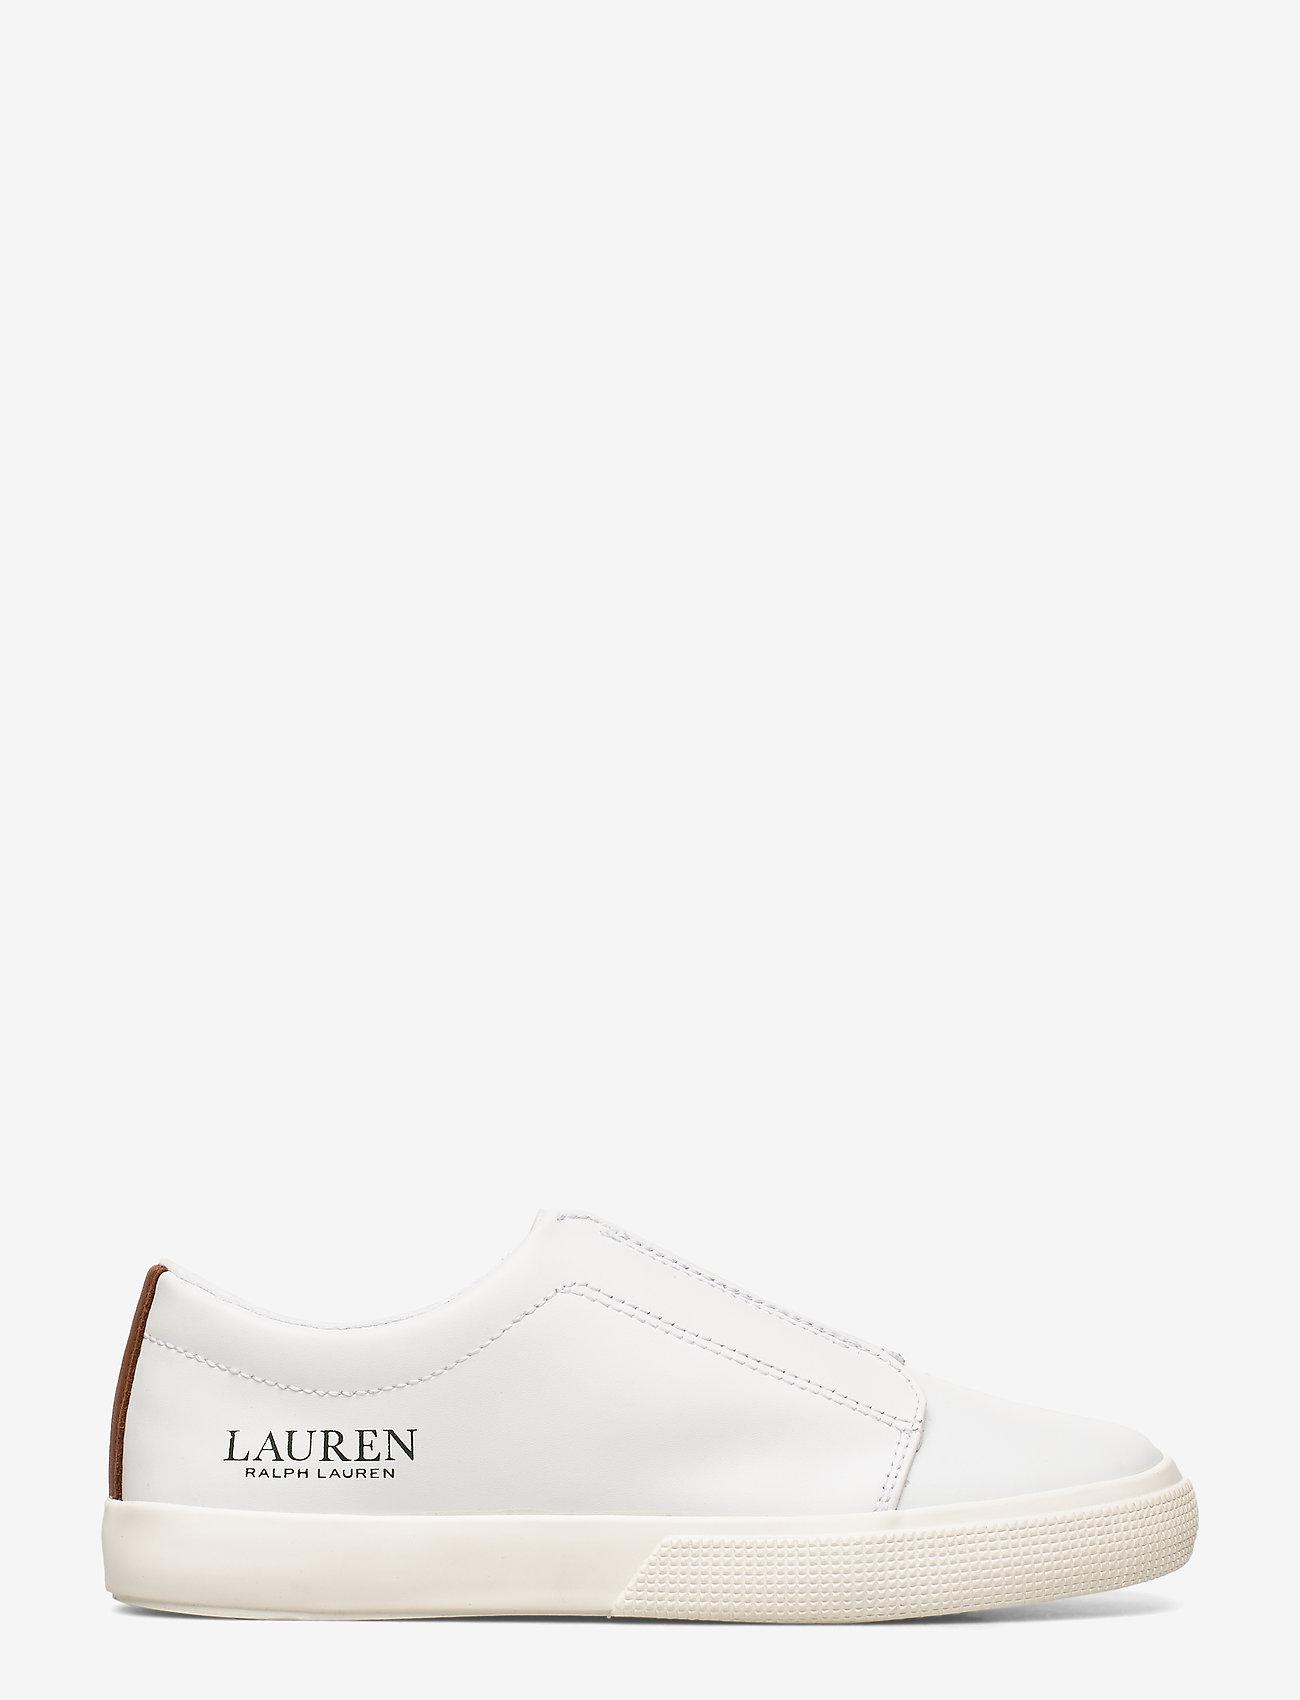 Judith Leather Slip-on Sneaker (Rl White/deepsadd) - Lauren Ralph Lauren WHOuQD